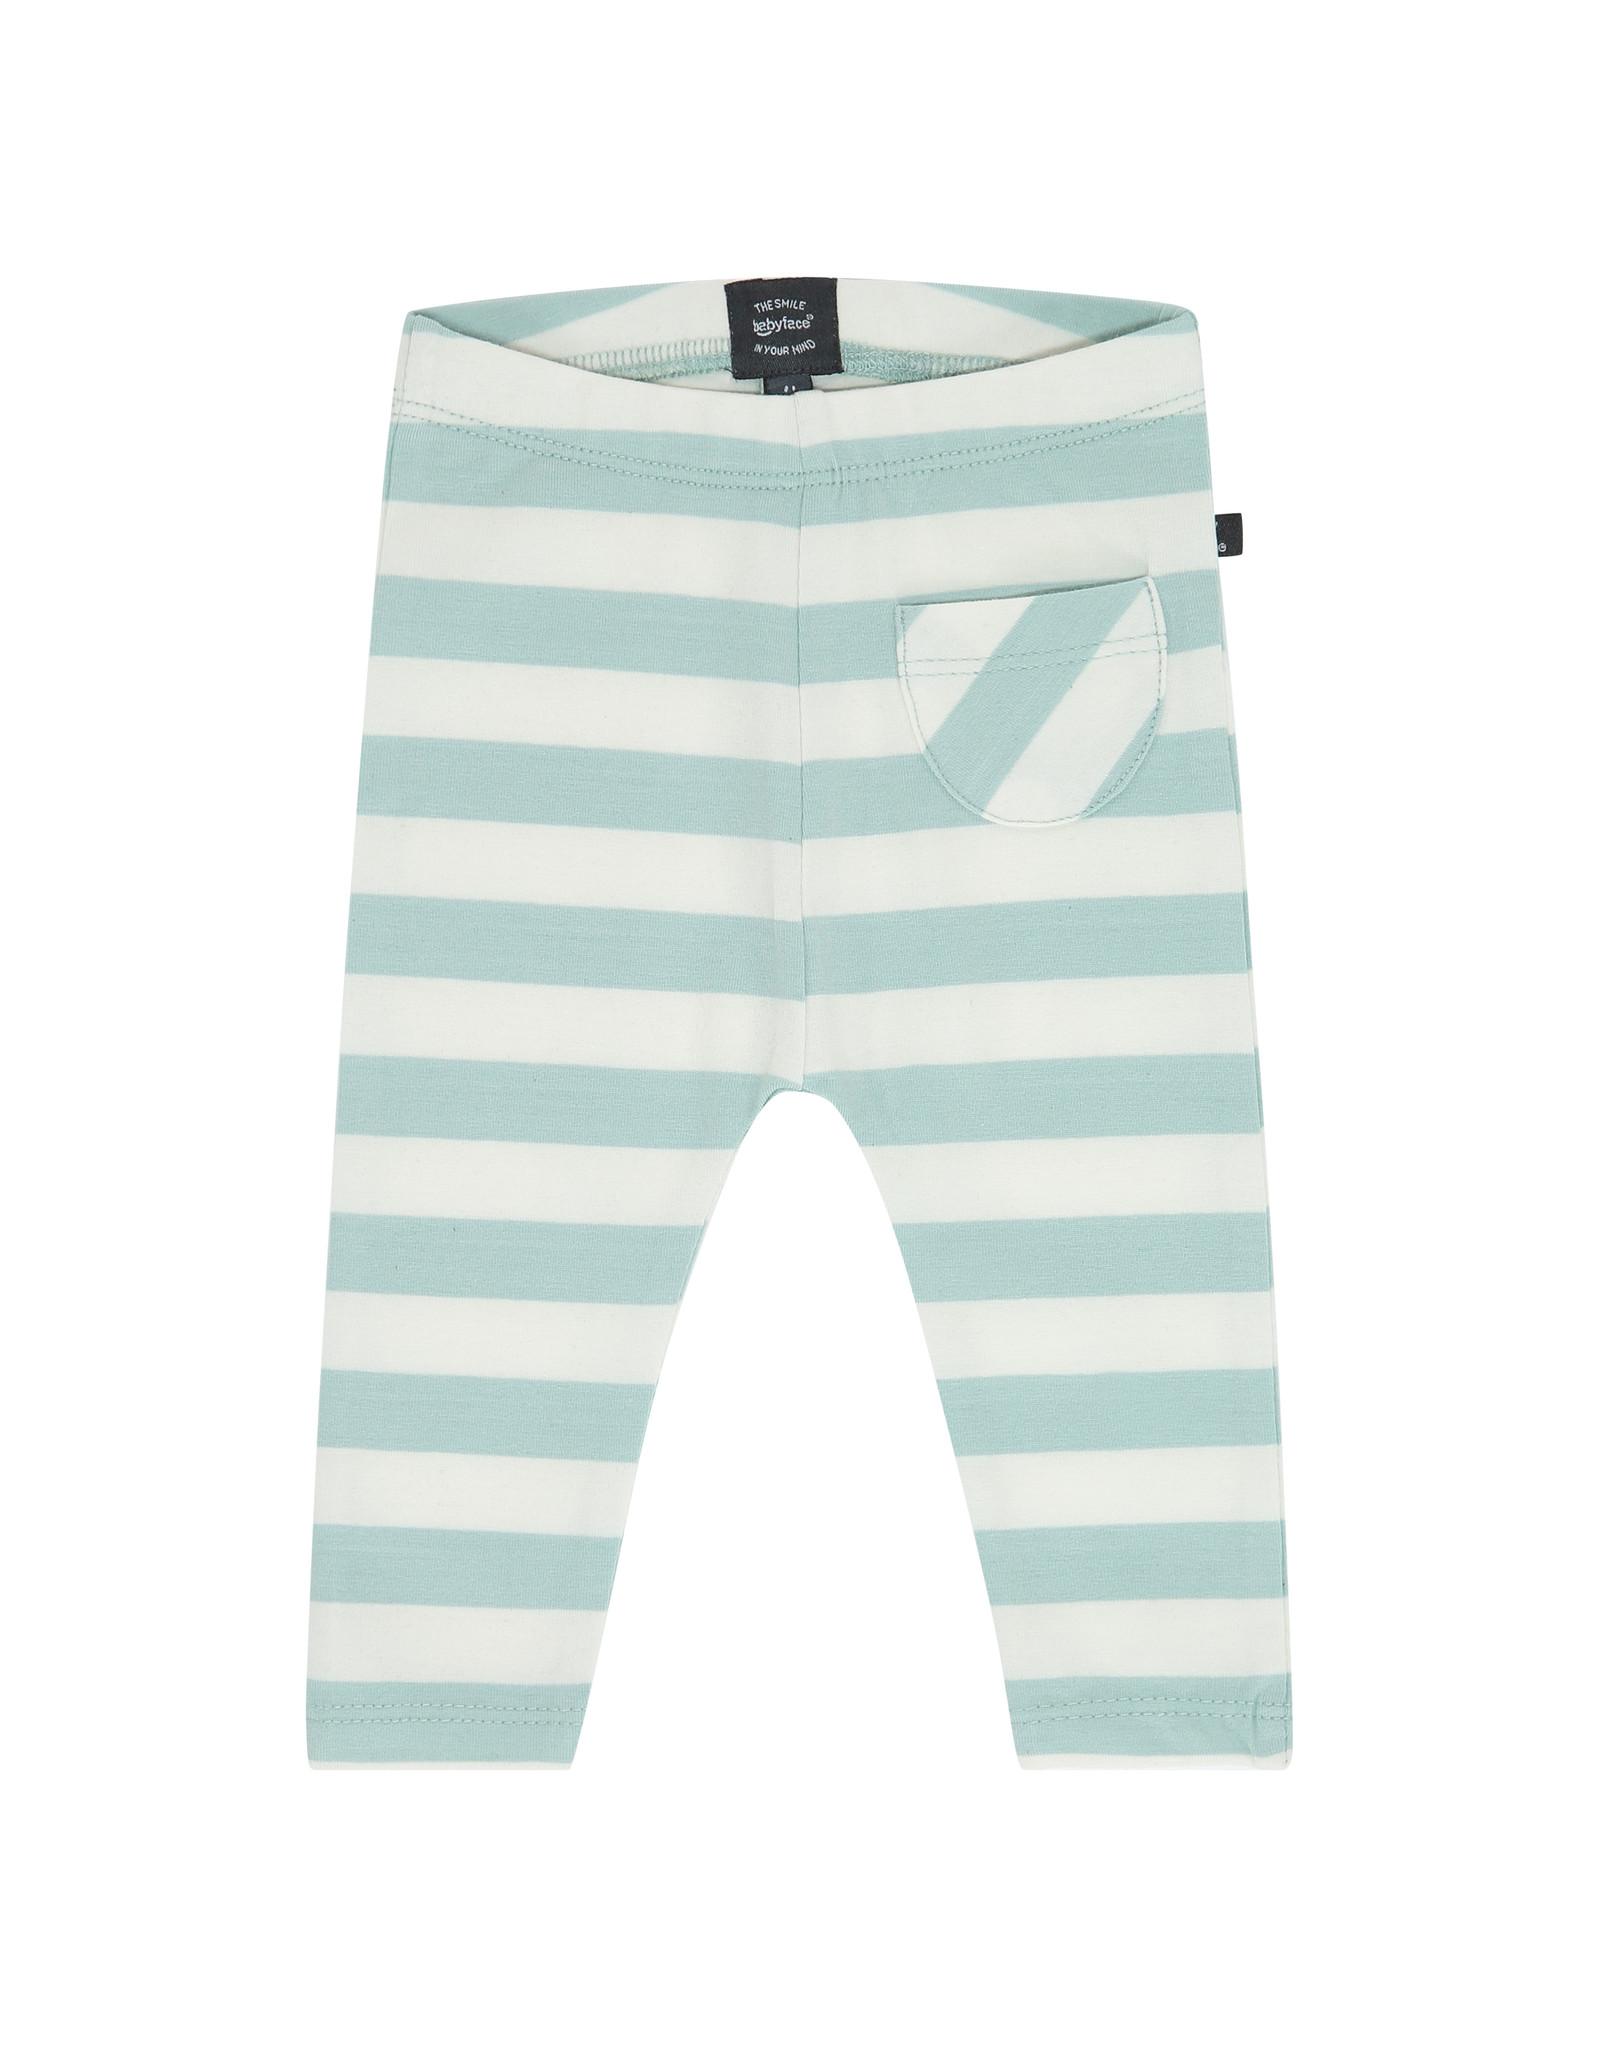 Babyface baby boys pants, mint, NWB21227243